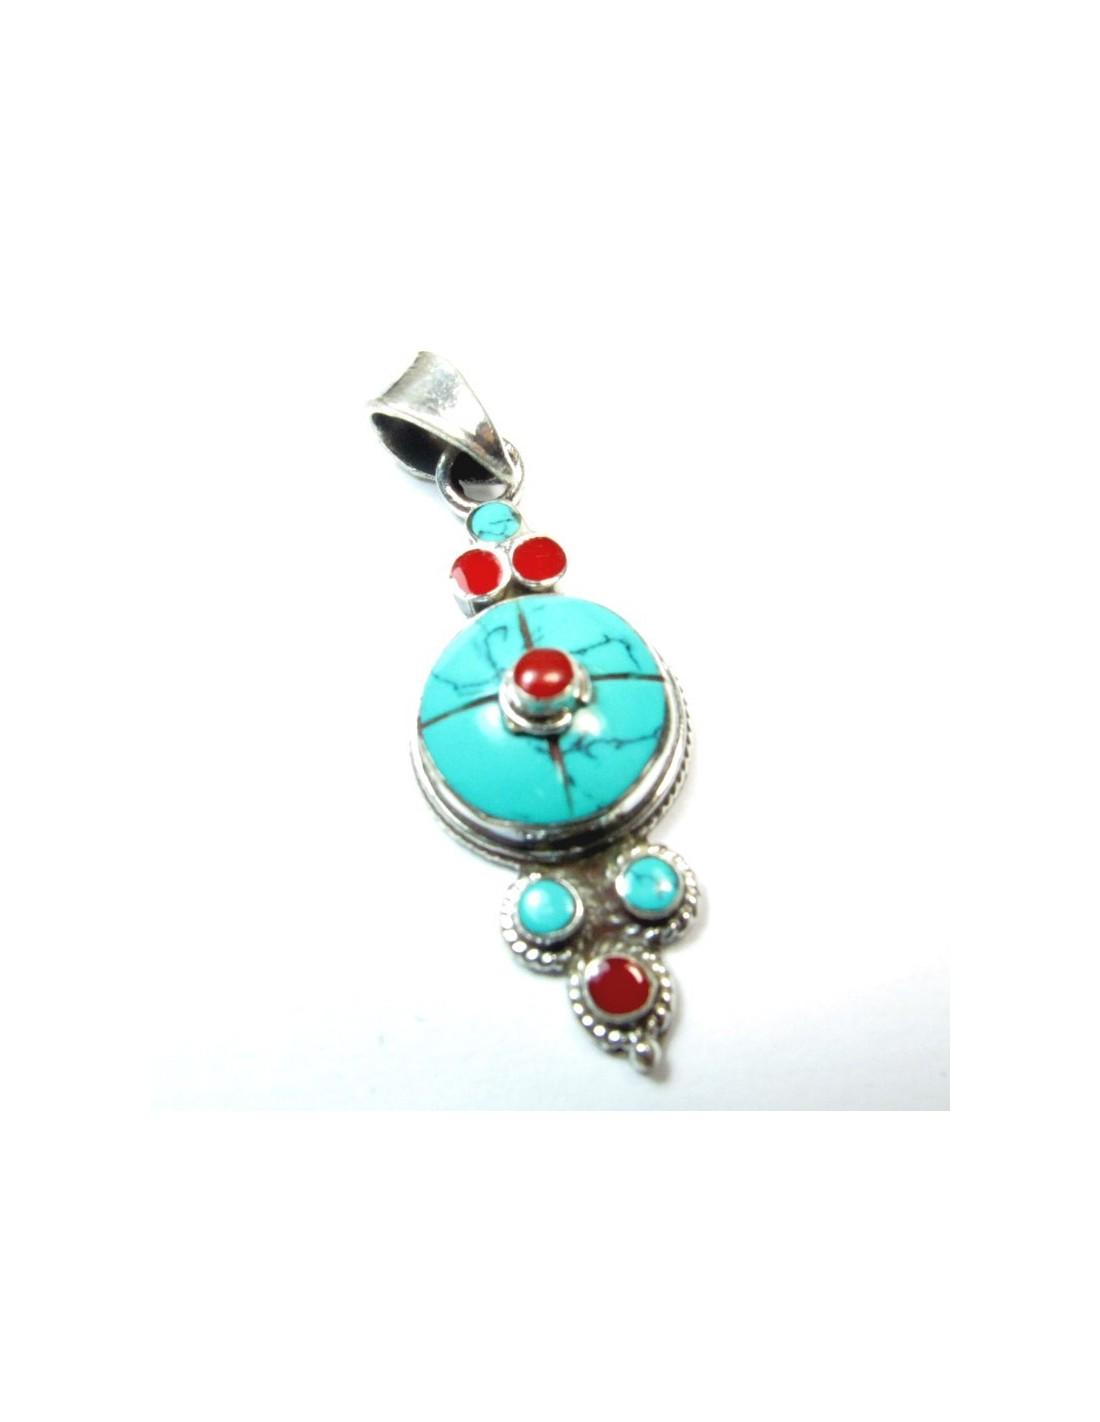 Bijoux Ethnique Argent Turquoise : Pendnentif argent et turquoise bijoux ethniques p